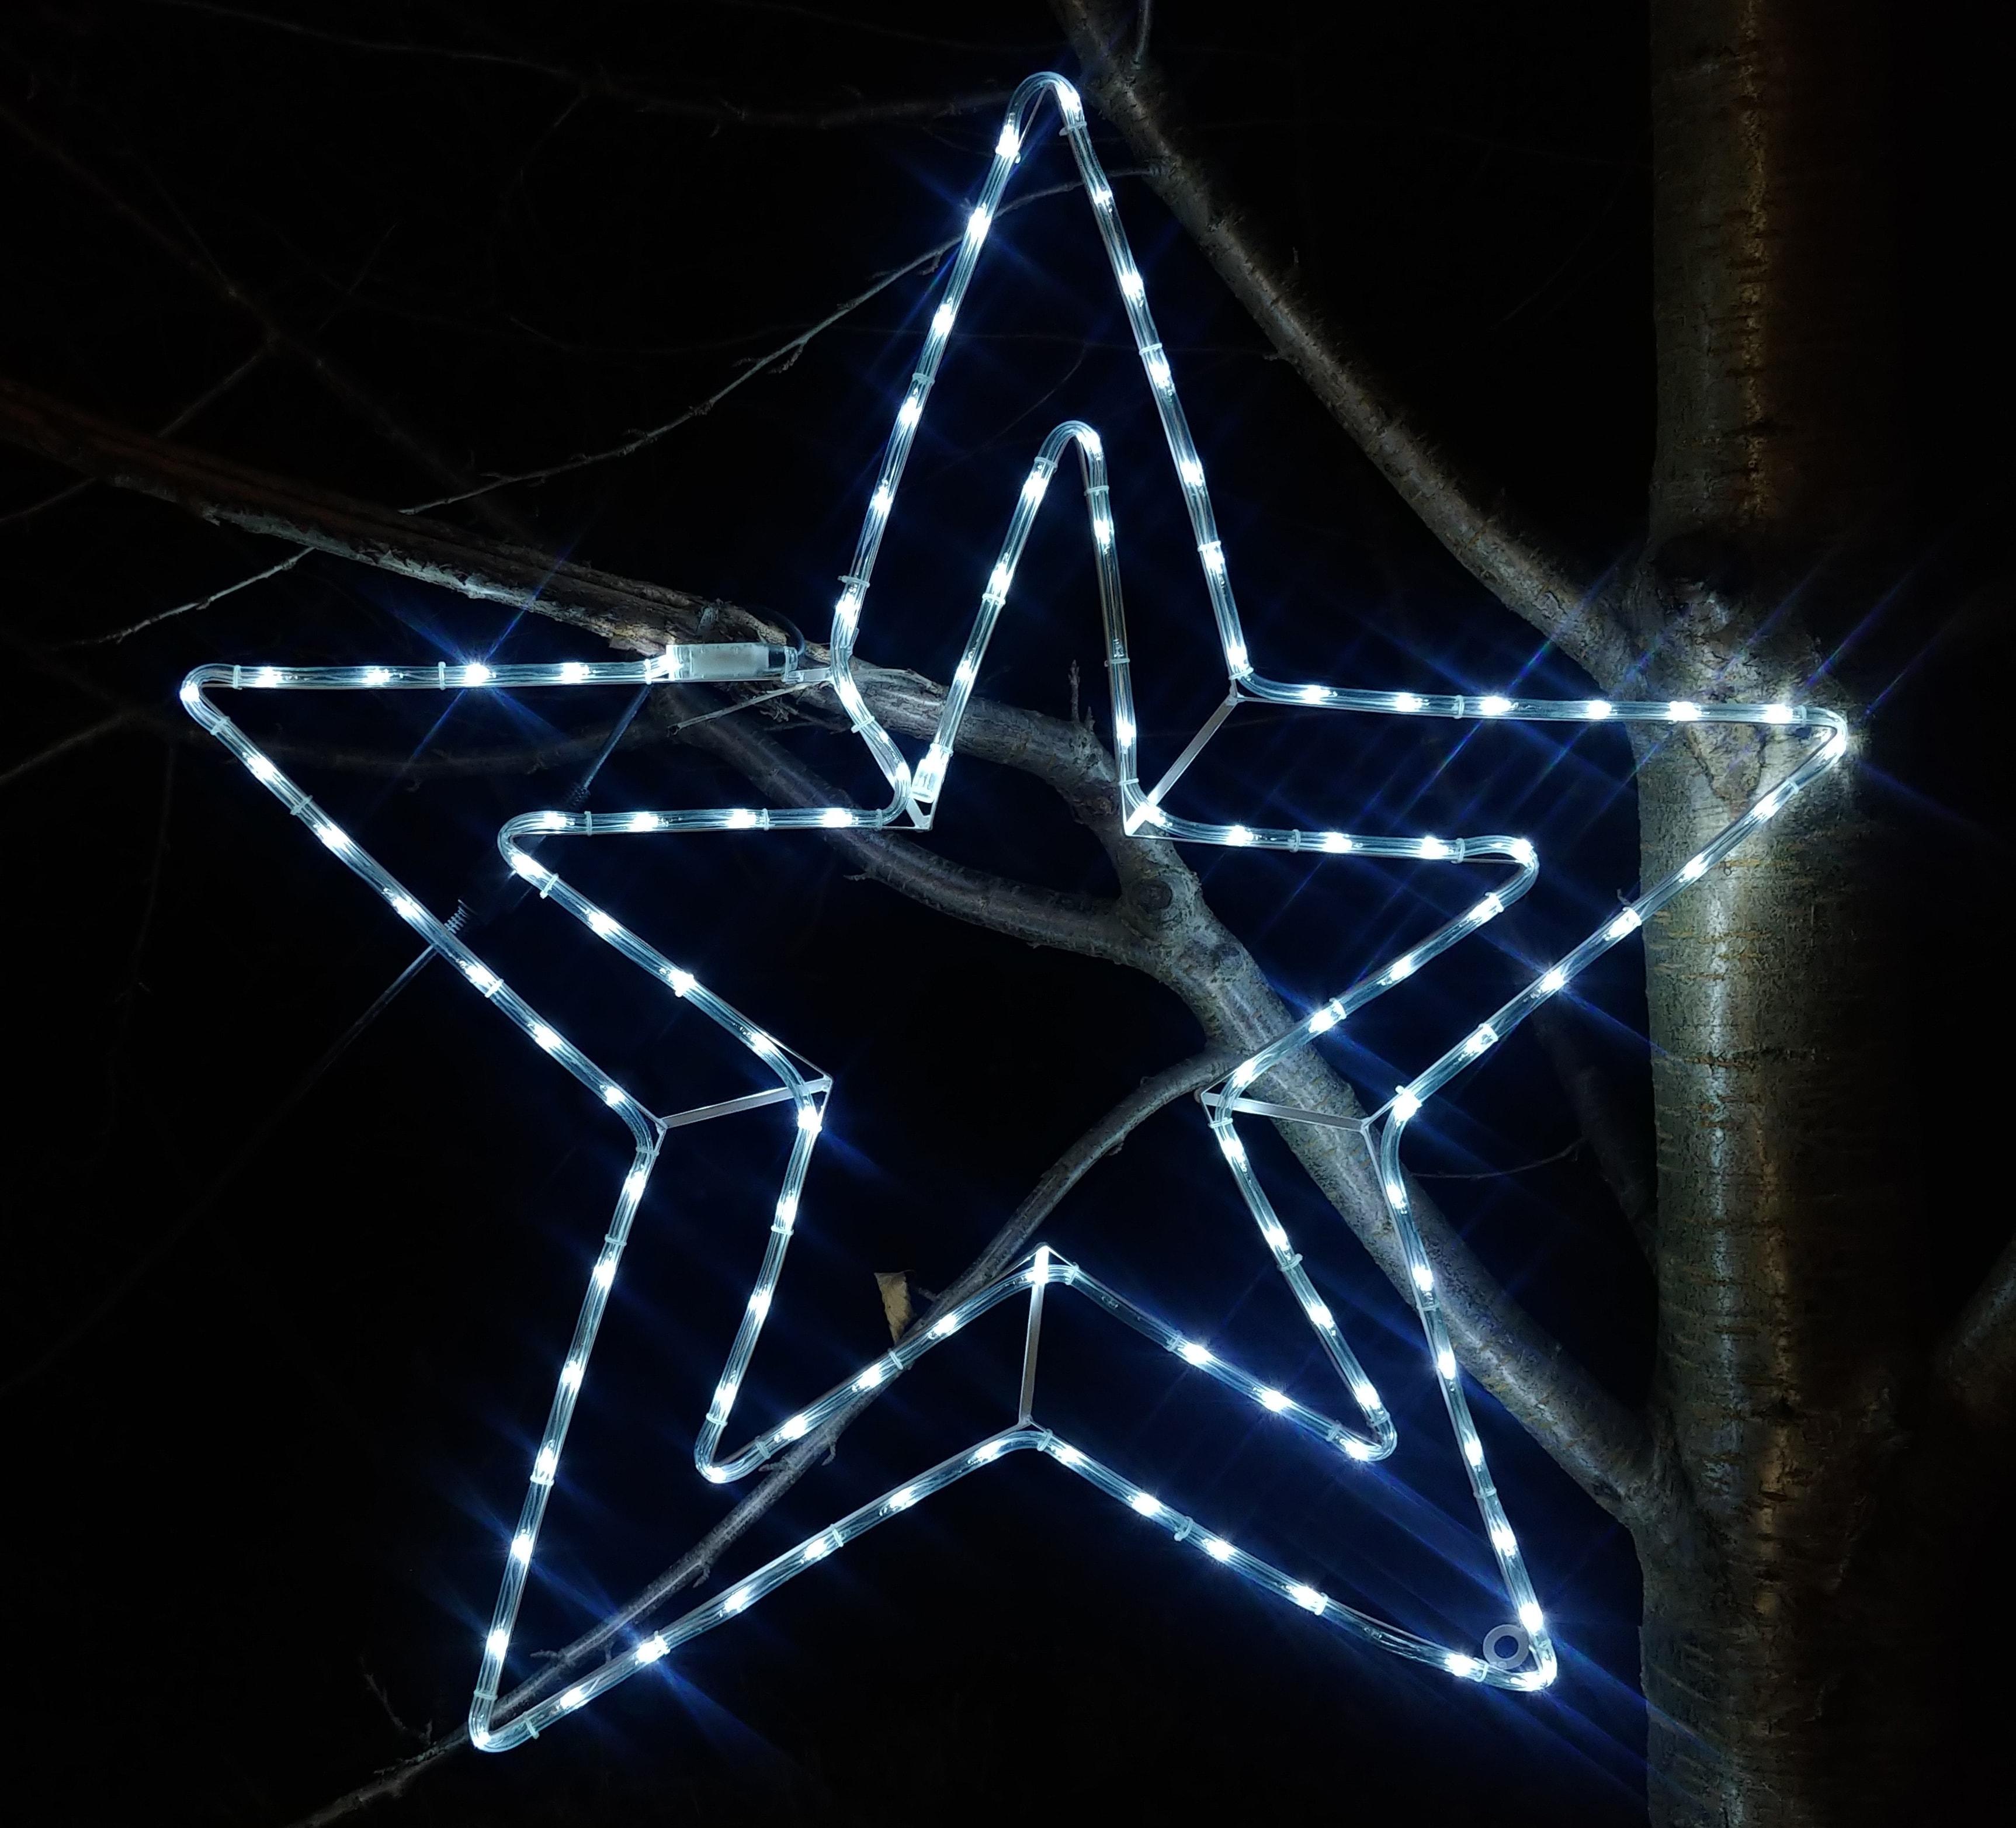 Figura Gwiazda Led średnica 100 Cm Błysk 144 Led Na Zewnątrz Oświetlenie świąteczne Nr 0214